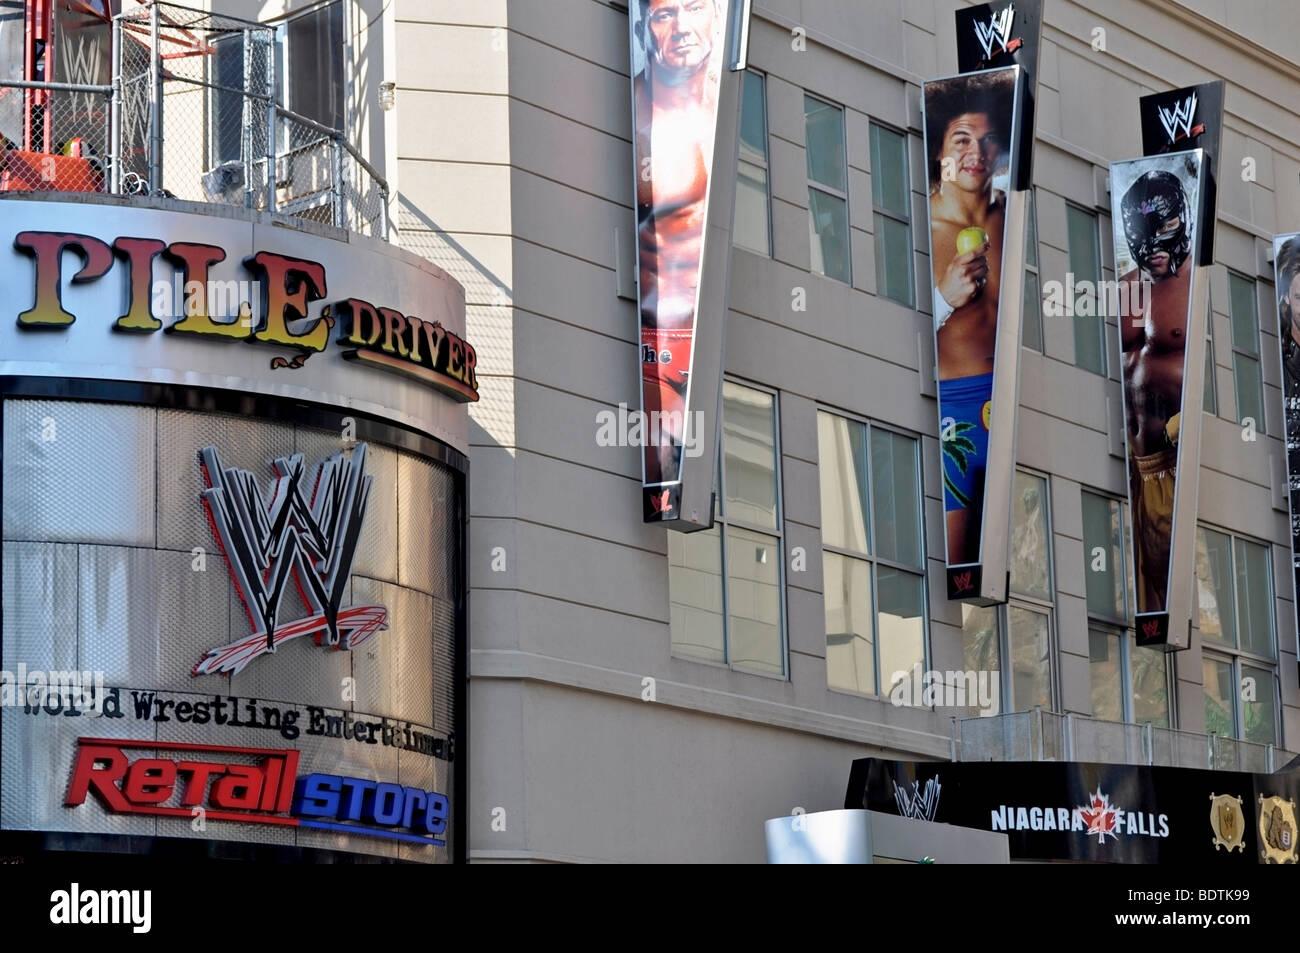 WWE (World Wrestling animazione) - Attrazioni su Clifton Hill, Niagara, Canada Immagini Stock